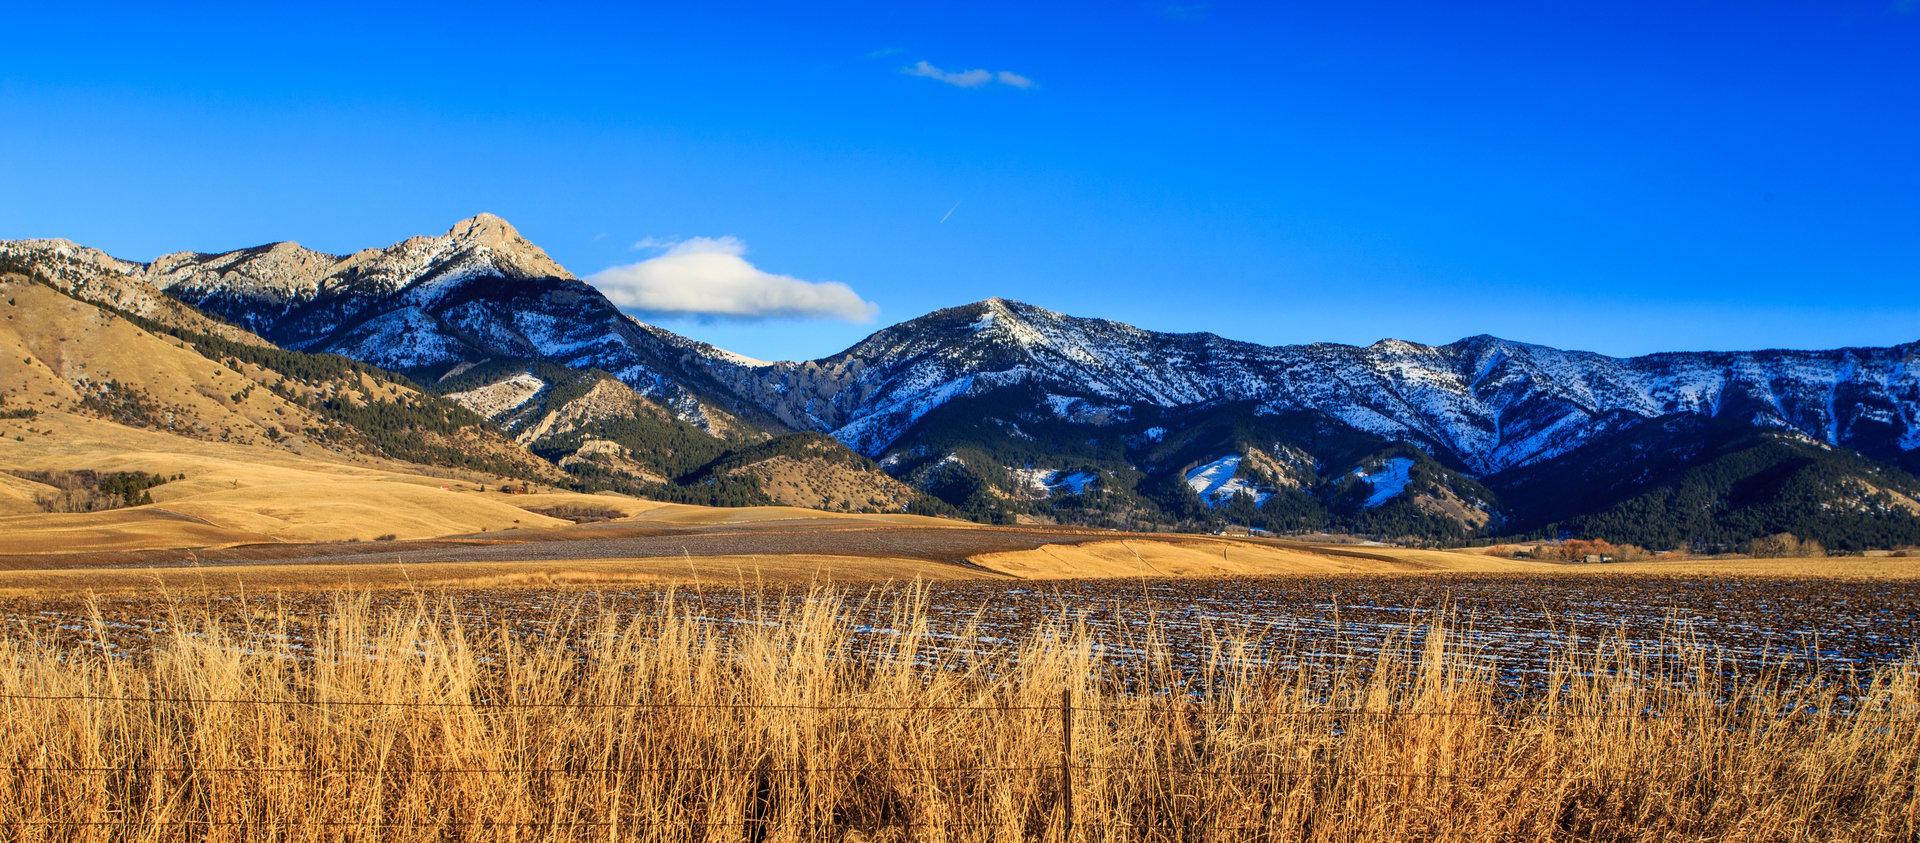 BSP - Your Netsuite 5-Star Partner In Montana